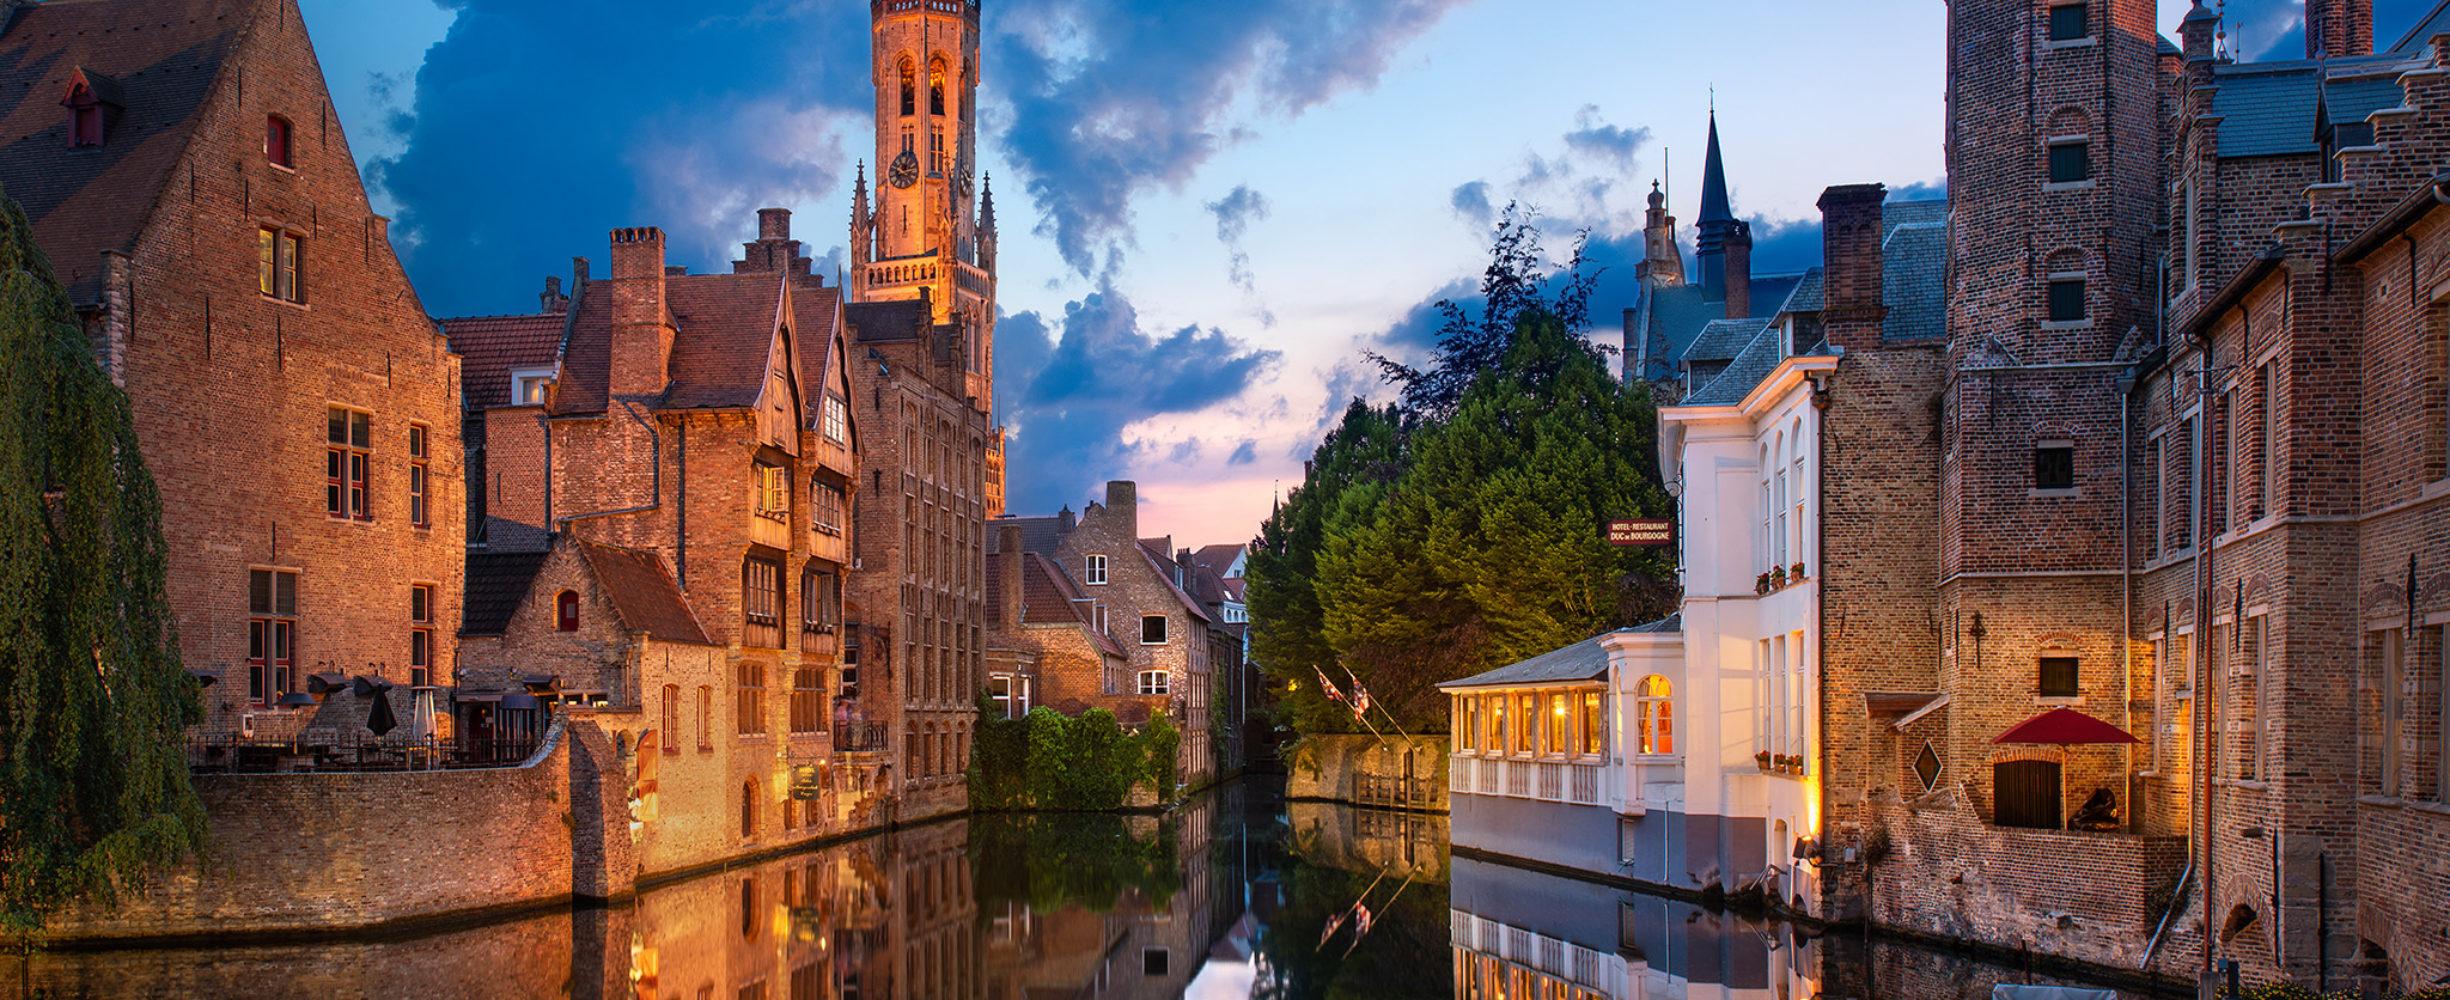 Winter in Brugge copy